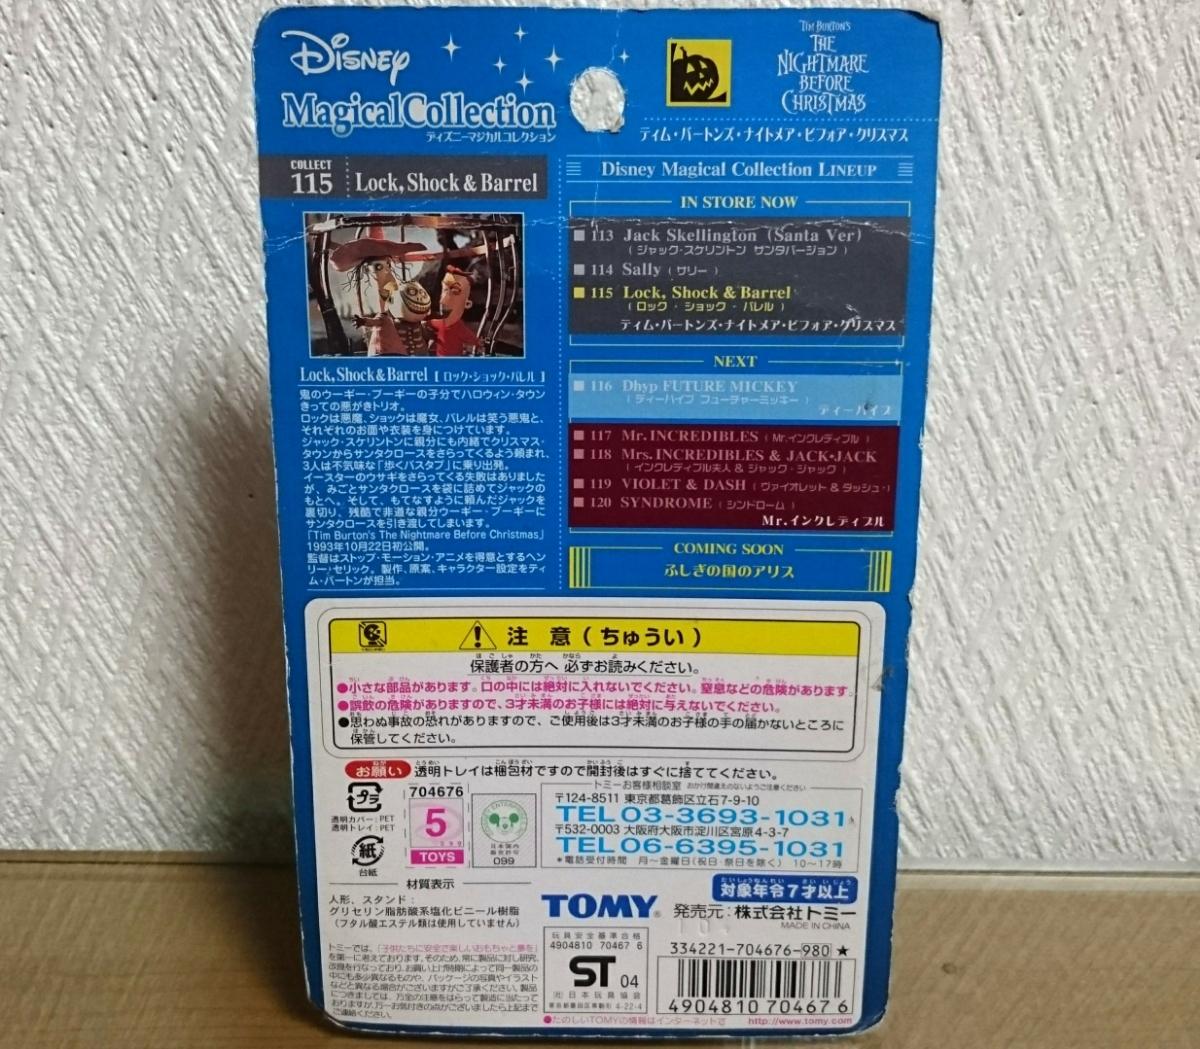 ディズニー マジカルコレクション115 ロック ショック バレル ナイトメアビフォアクリスマス フィギュア_画像3